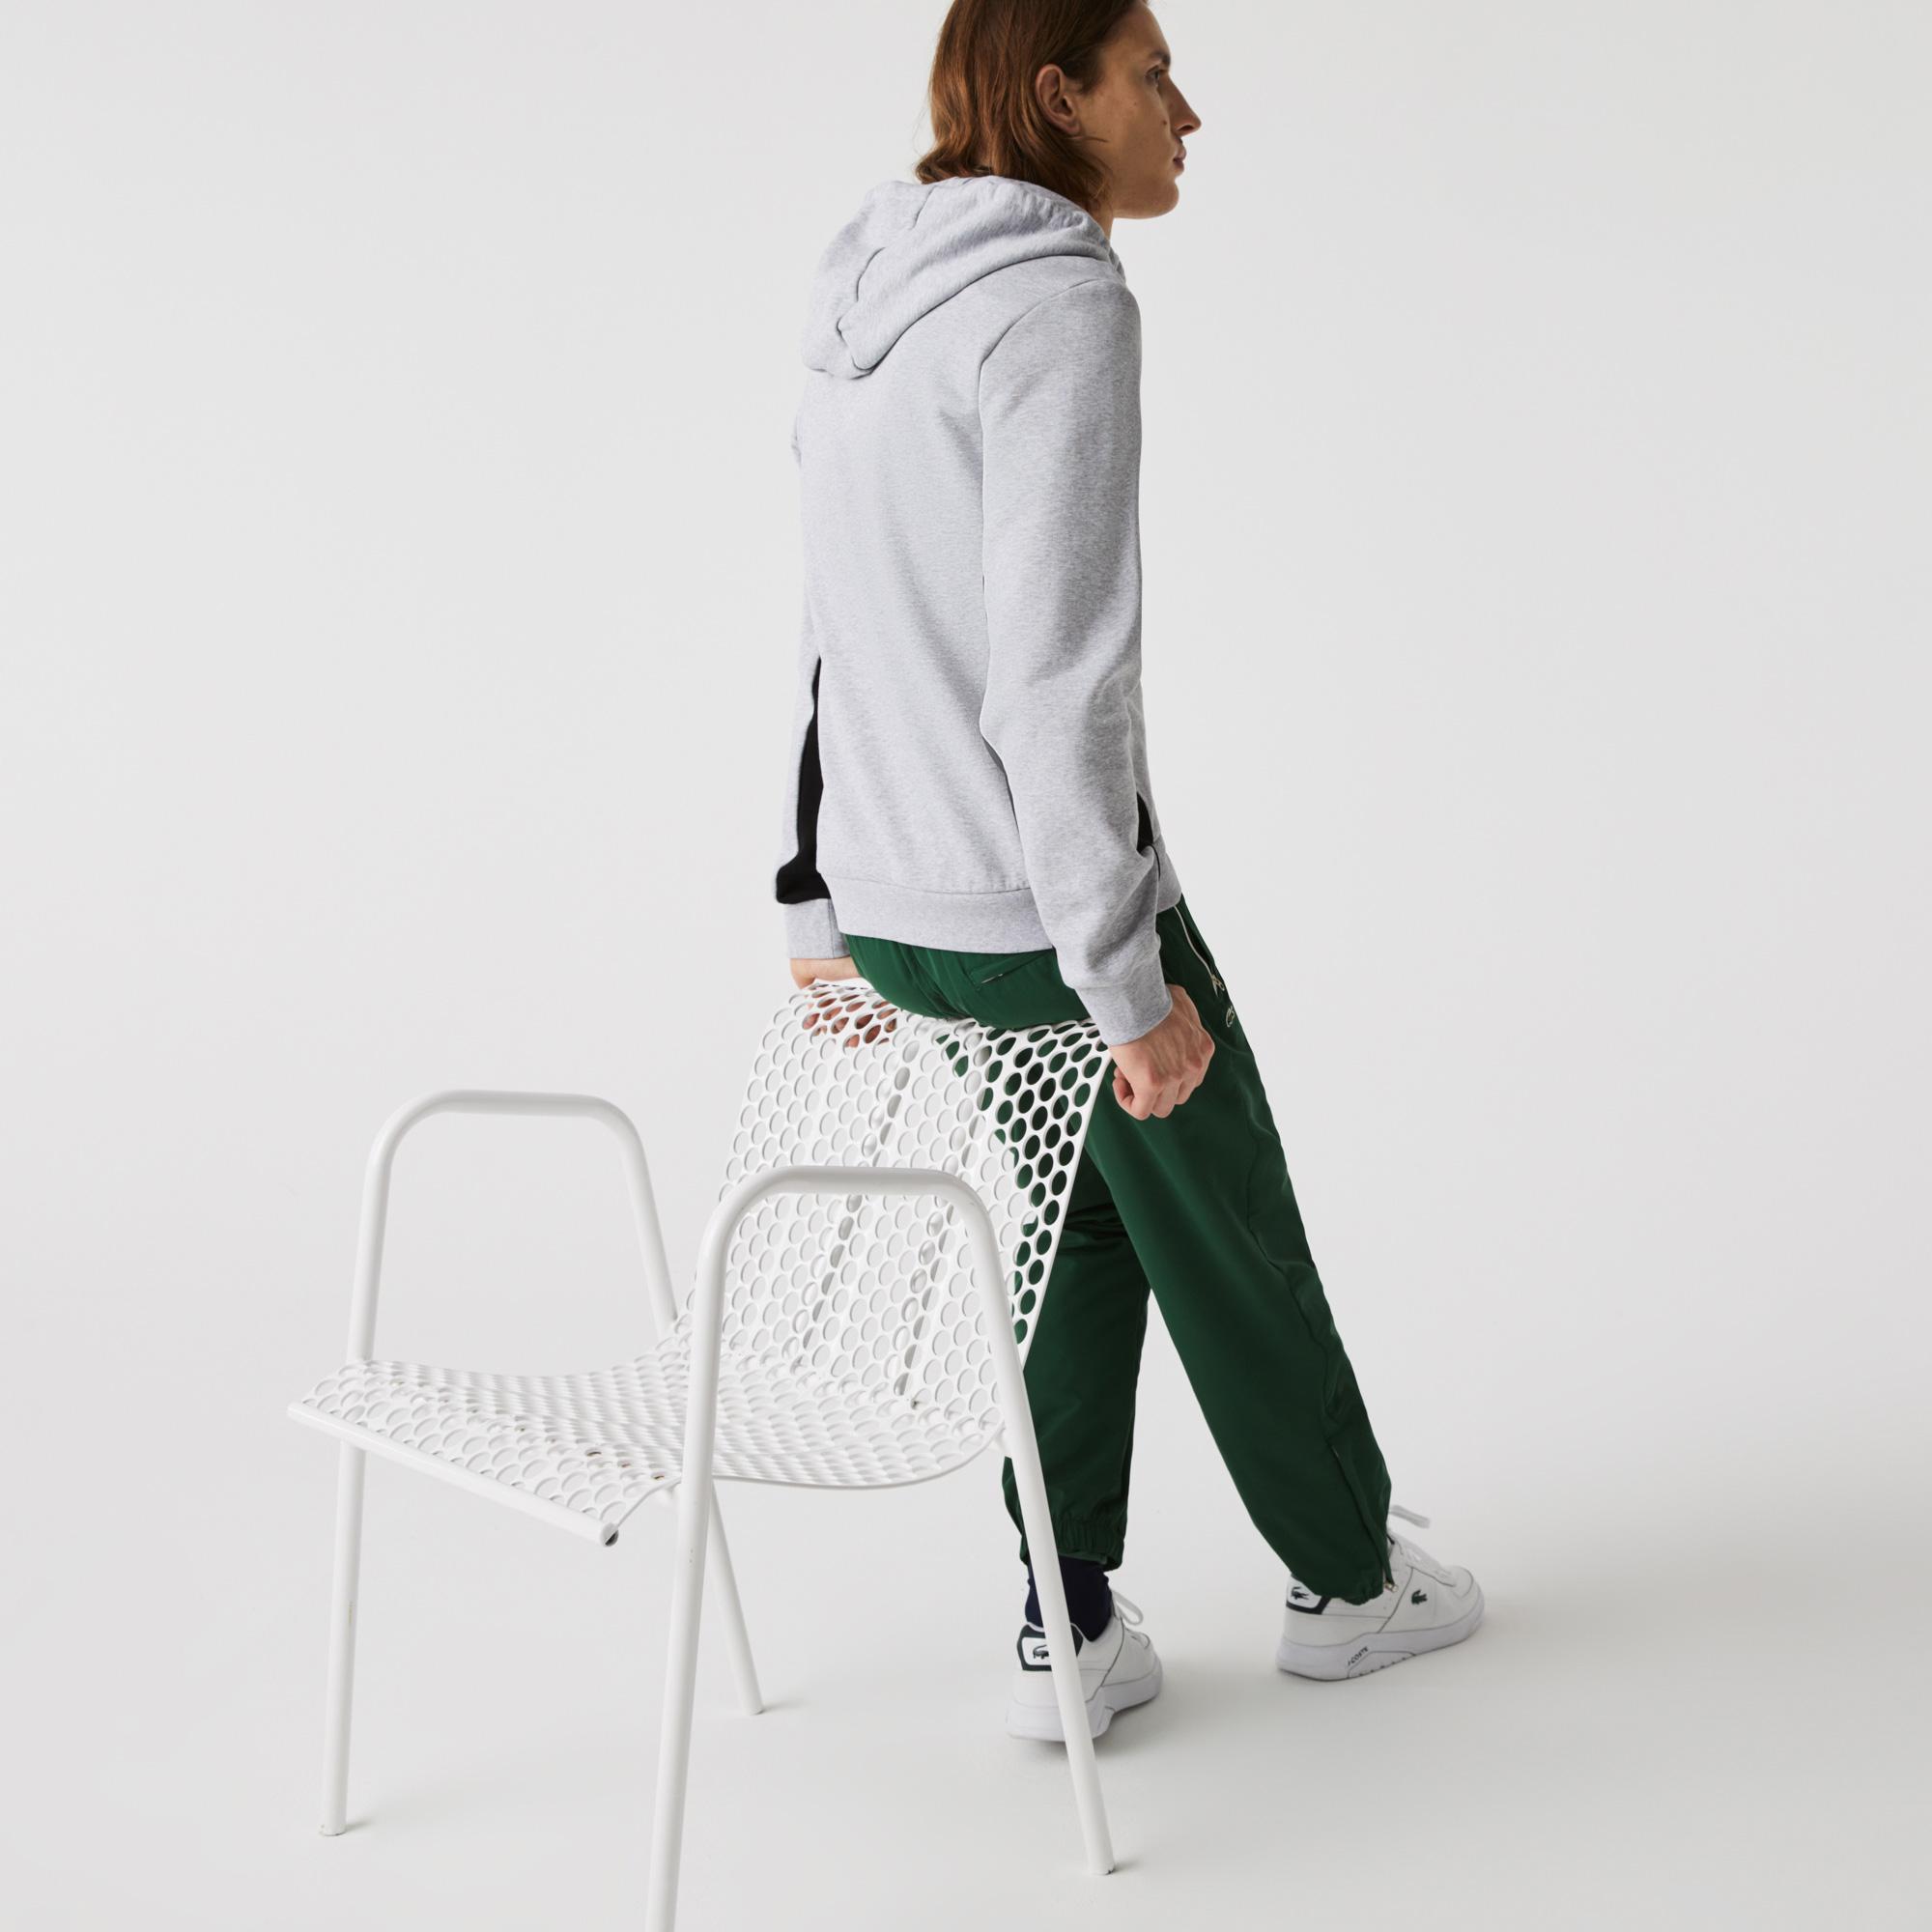 Lacoste Men?s Hooded Colourblock Fleece Zip Sweatshirt